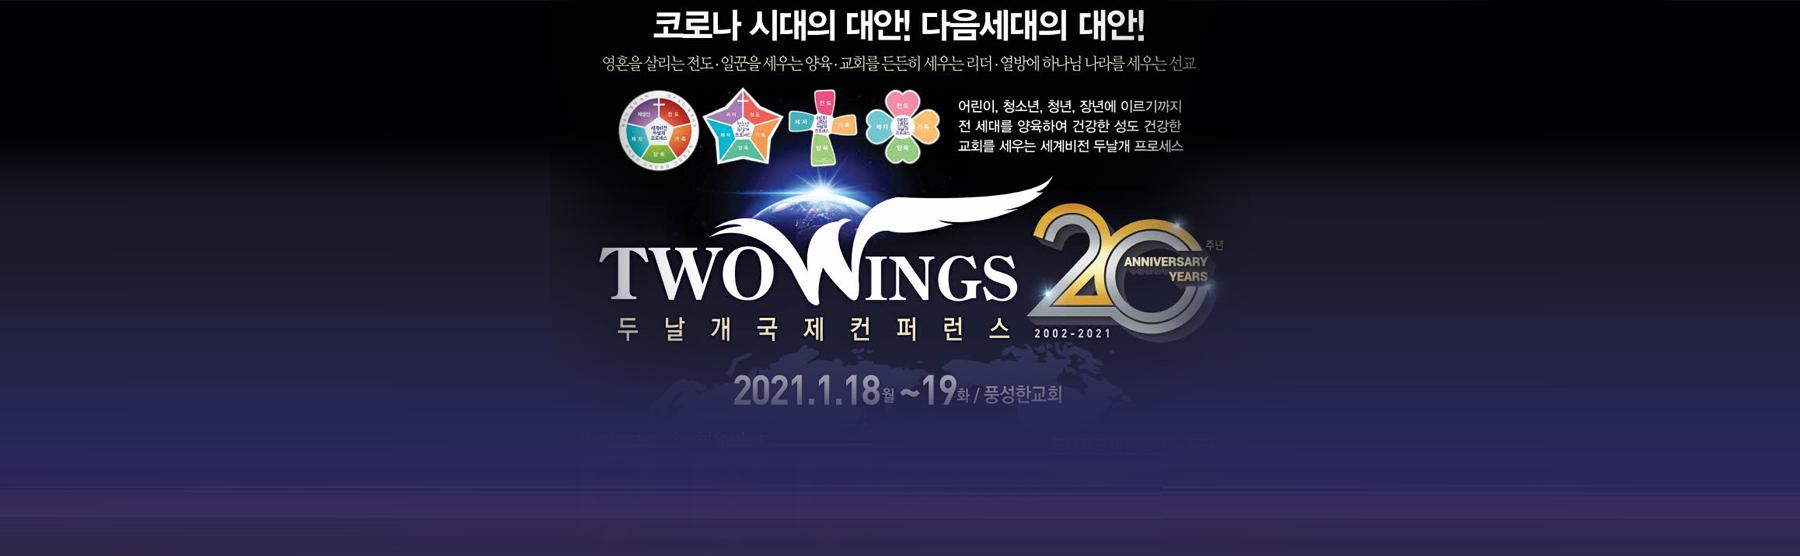 two-mbs-2021두날개국제컨퍼런스-201125